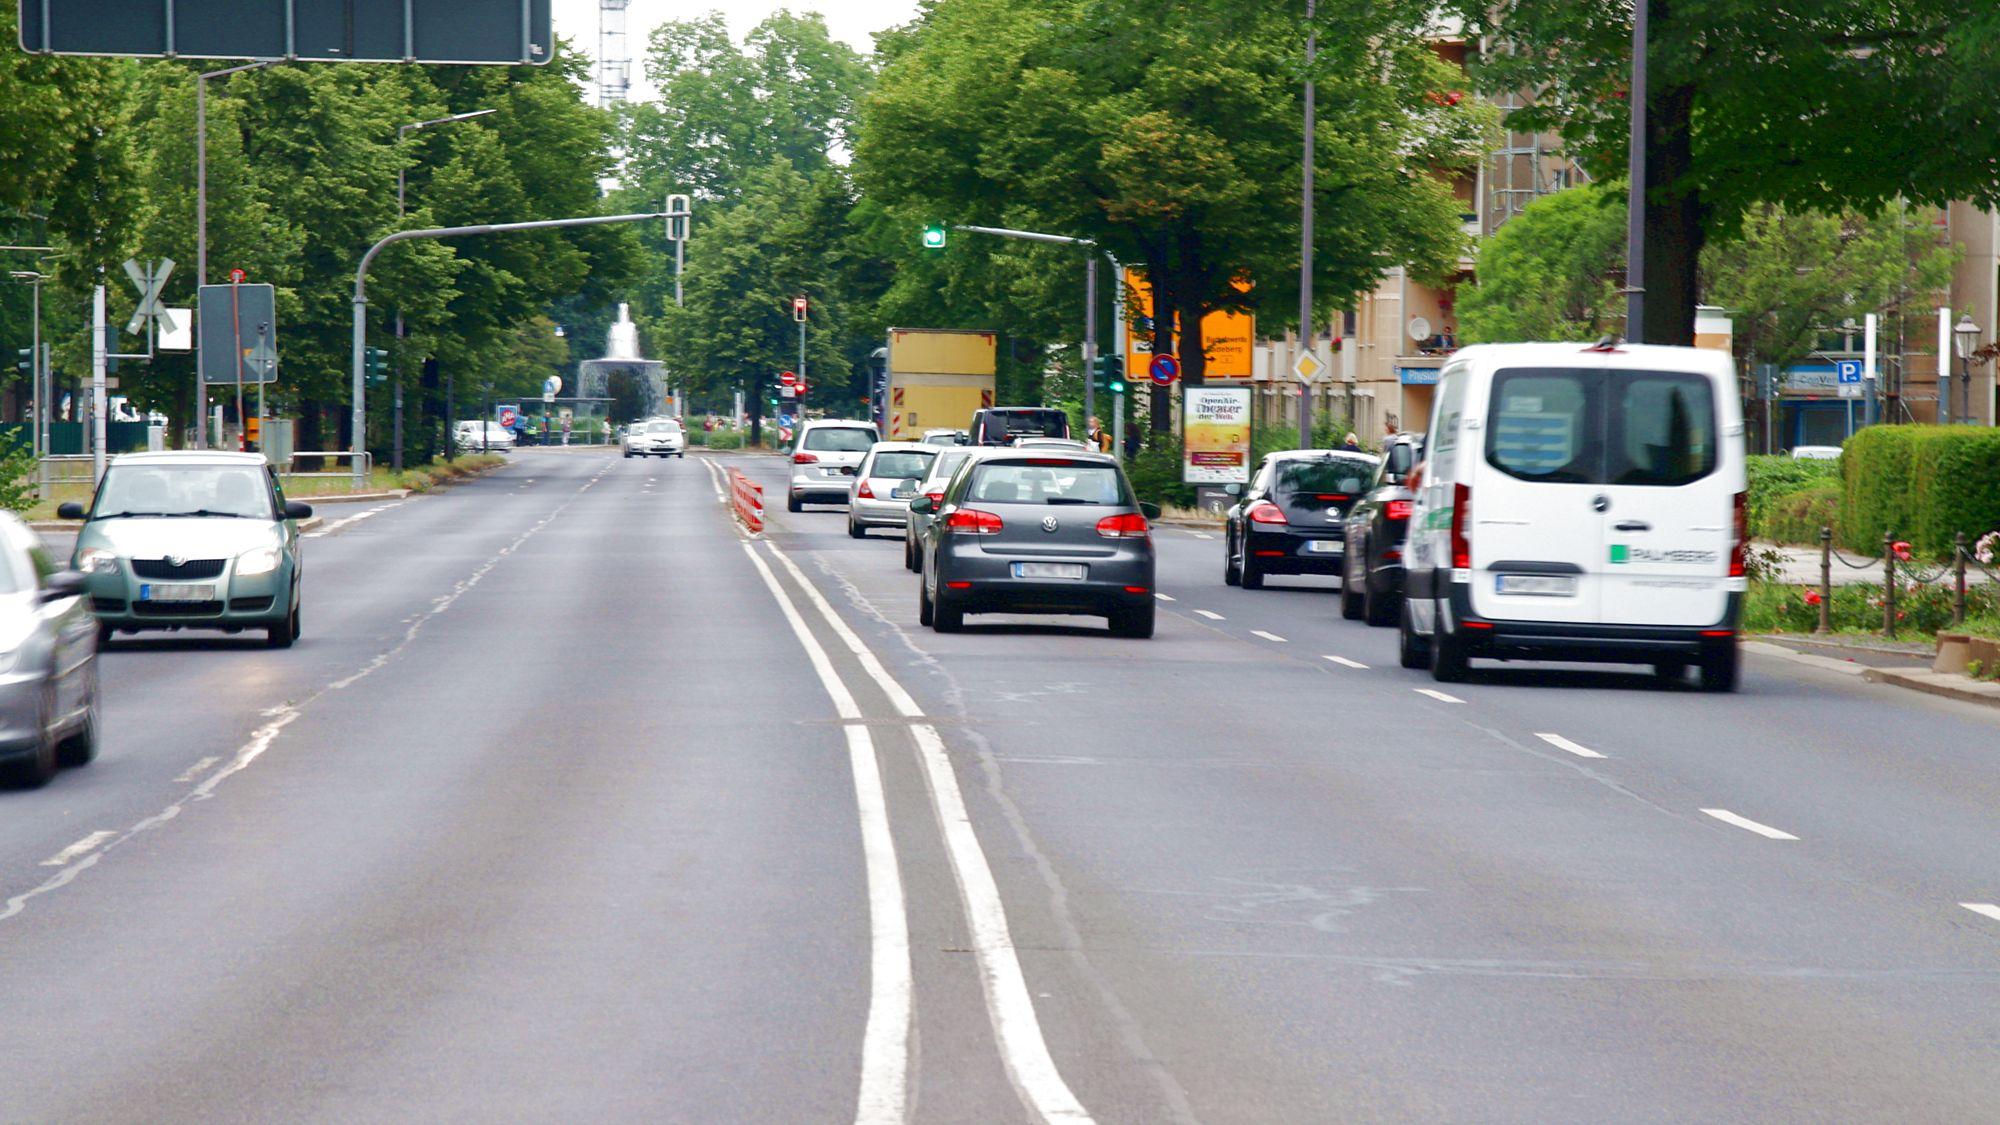 Albertstraße bekommt Radspuren